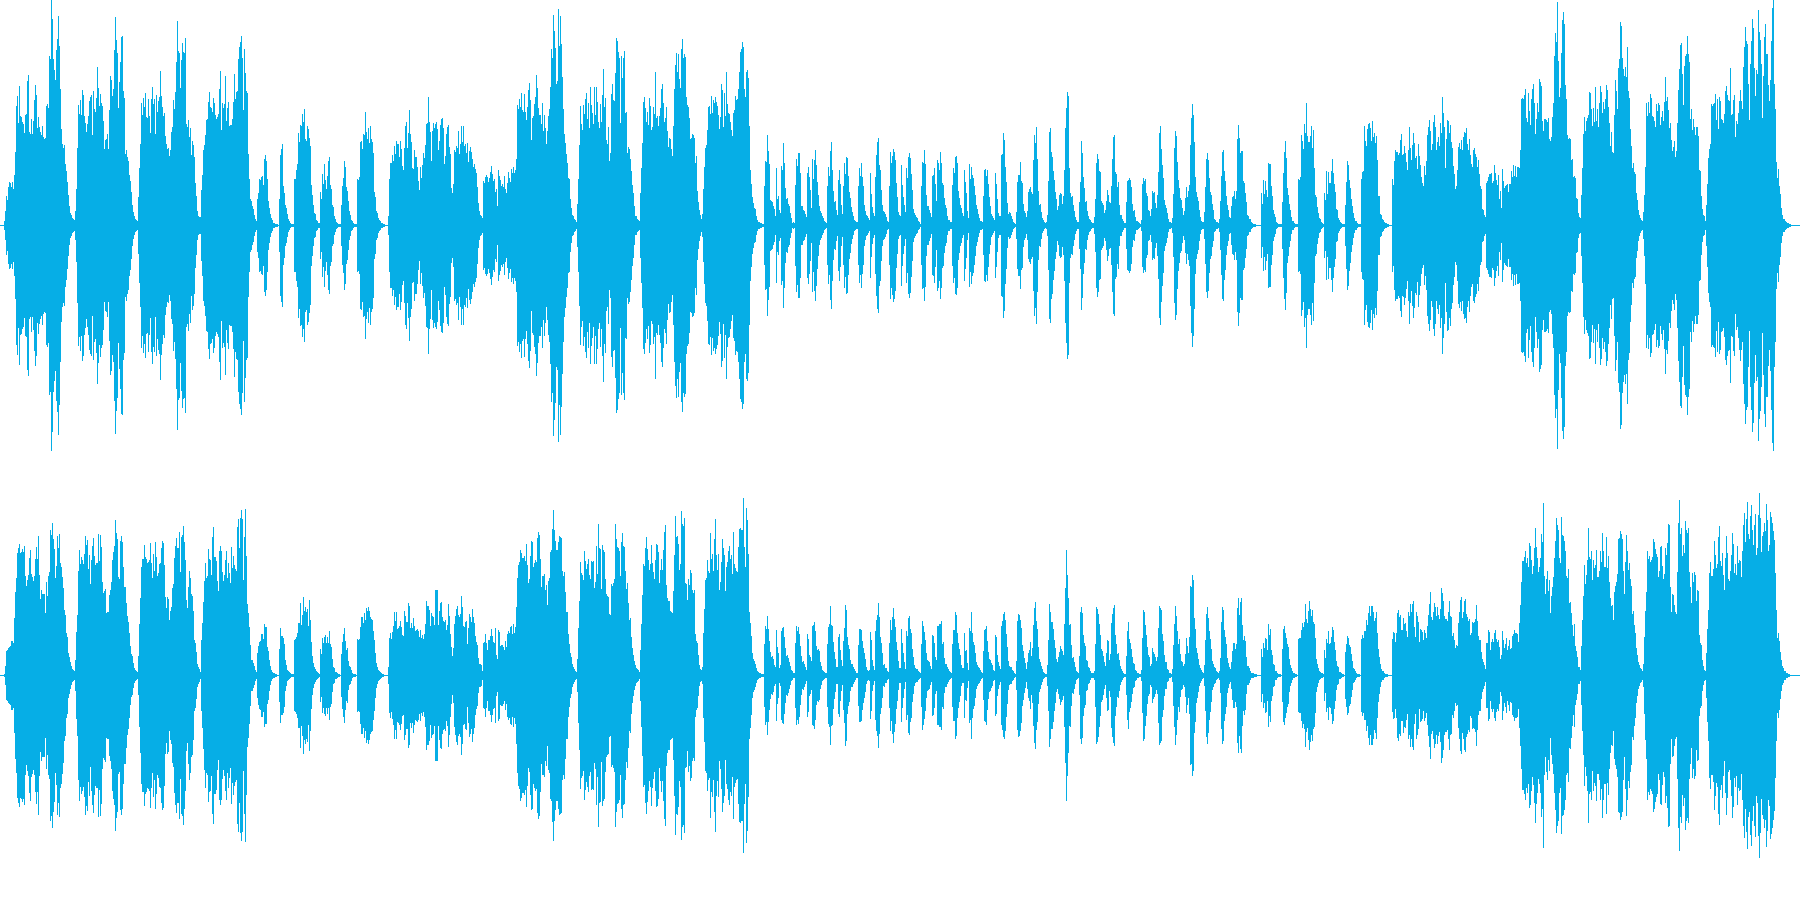 クラシカルで美しいバラードの再生済みの波形